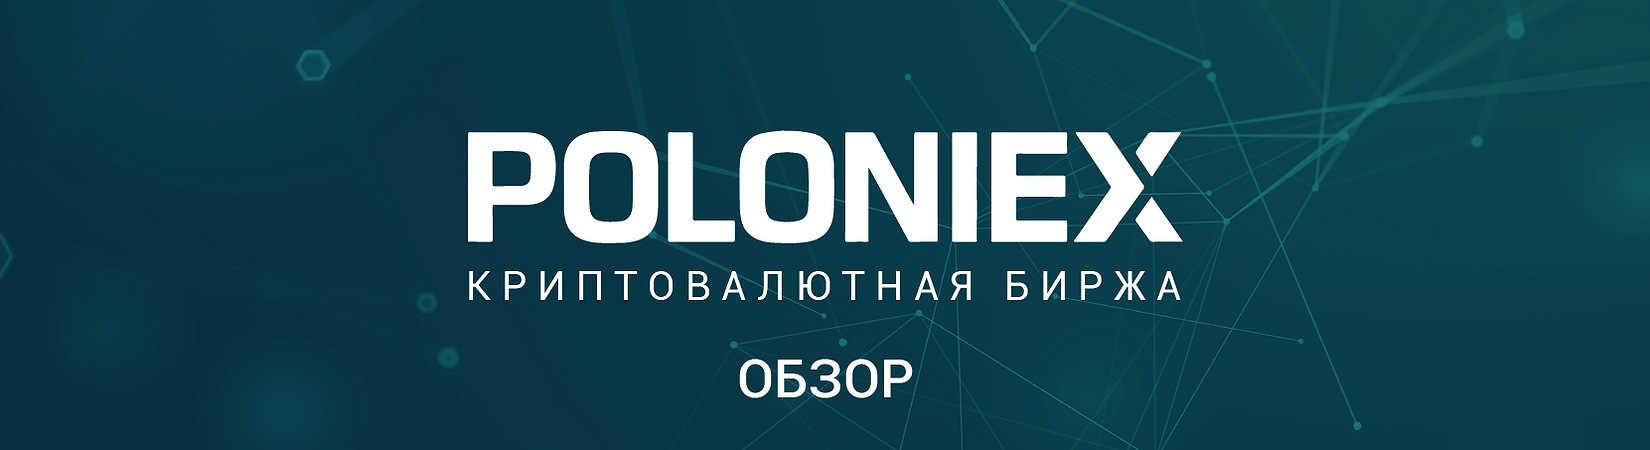 Обзор криптовалютной биржи Poloniex